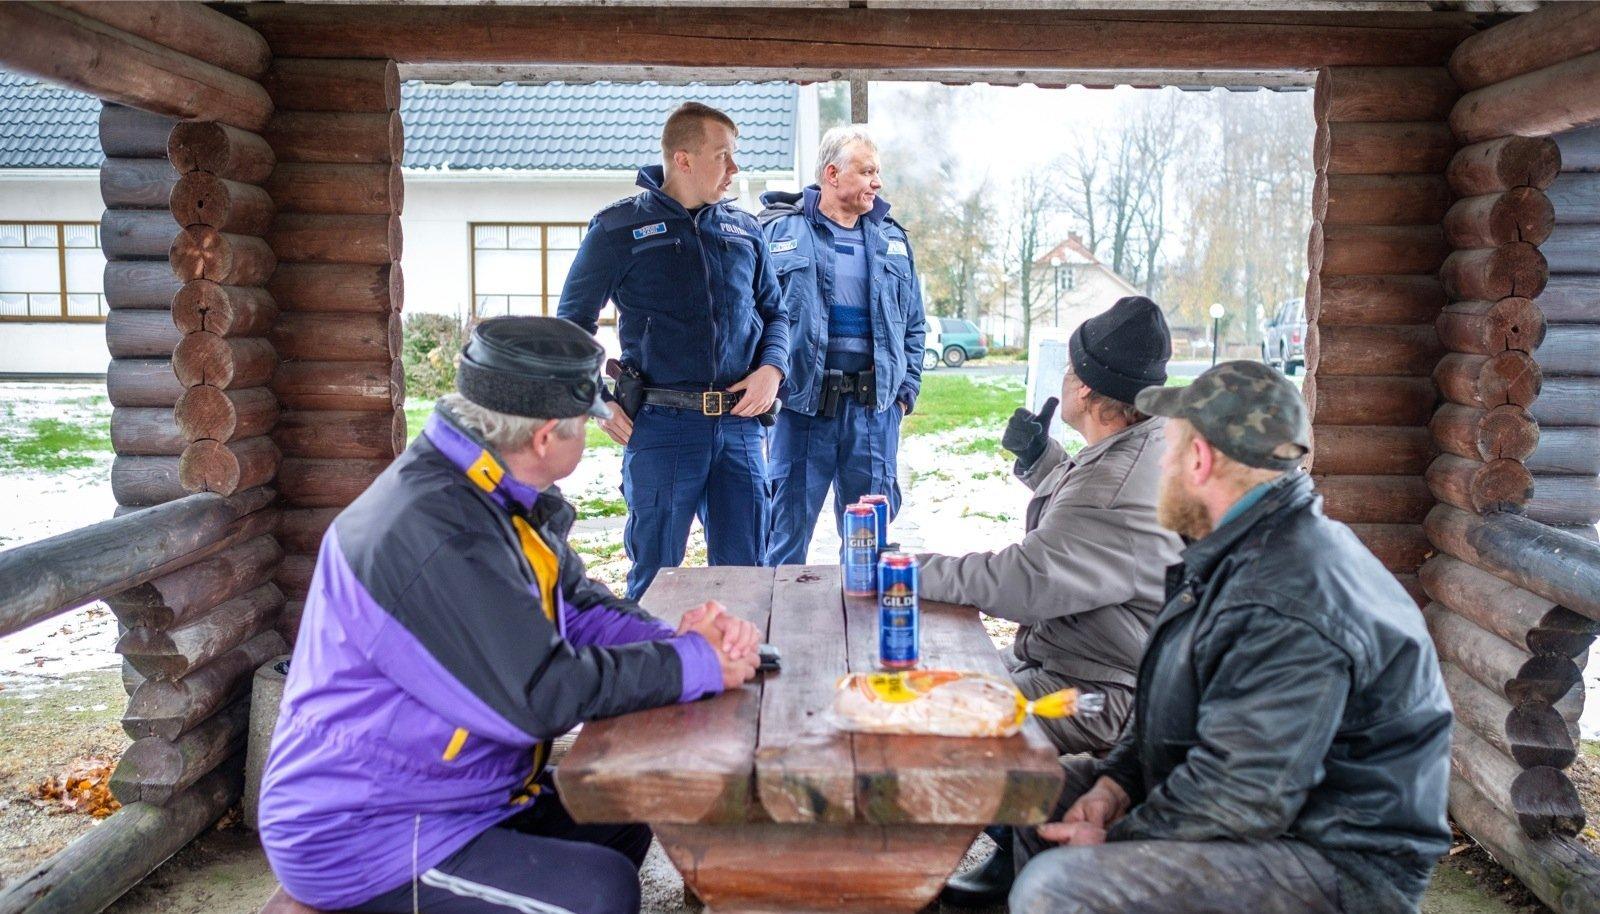 Kohaliku poe taga õlut joovate külameeste näod on piirkonnapolitseinik Sander Karule tuttavad. Ta mõistab, et õllest ta neid võõrutada ei suuda, kuid suunab nad vähemalt varjatumasse kohta kesvamärjukest tarbima.